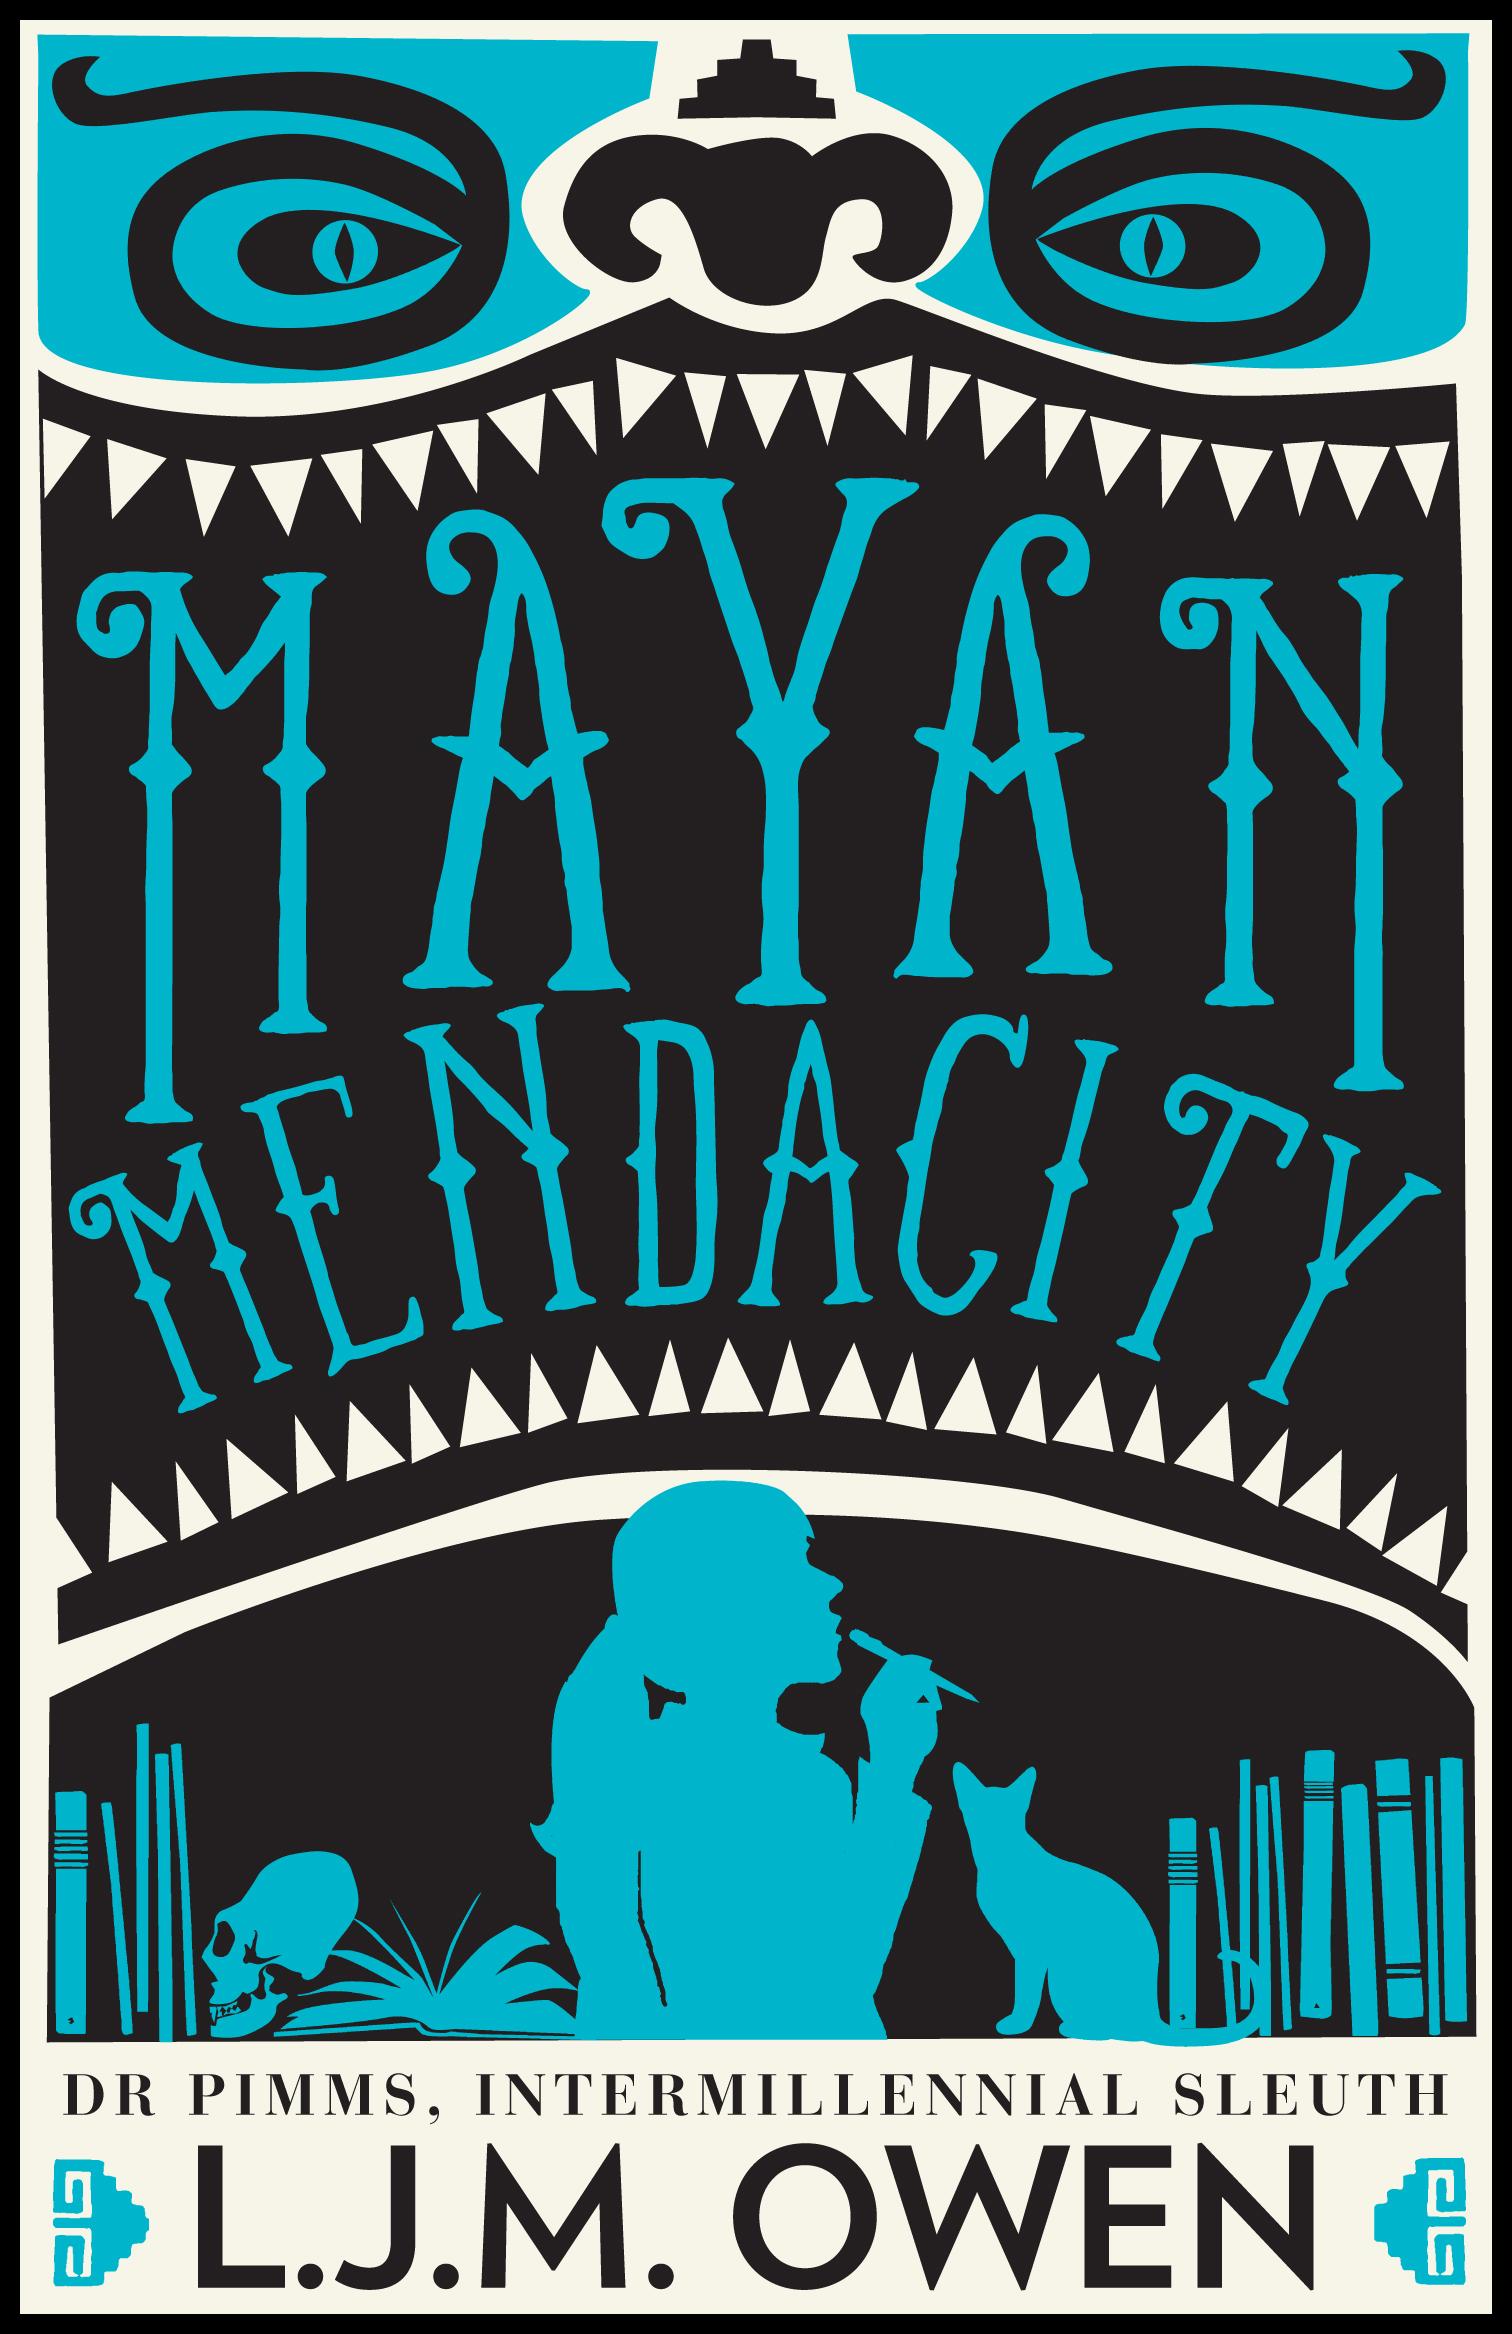 BOOK 2:  MAYAN MENDACITY